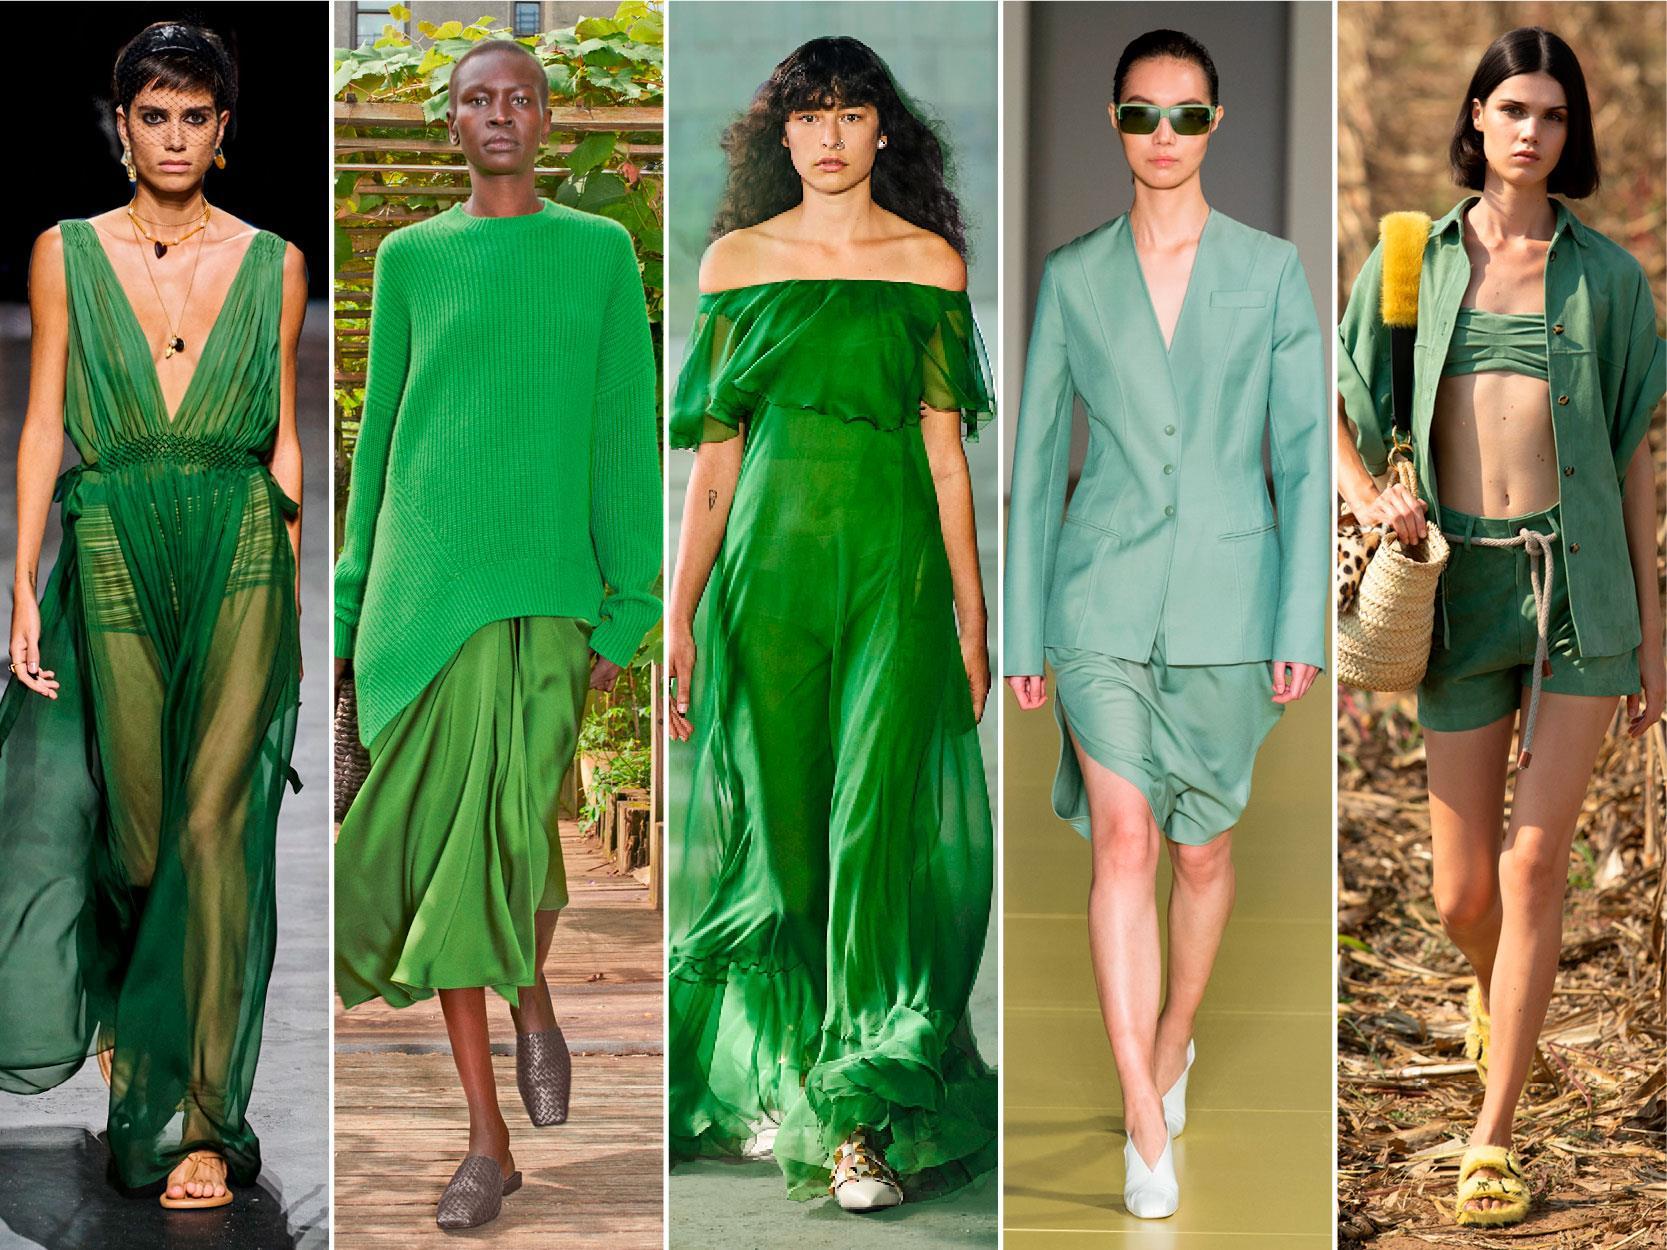 - colores de moda 2021 verde 3d0d4144 1667x1250